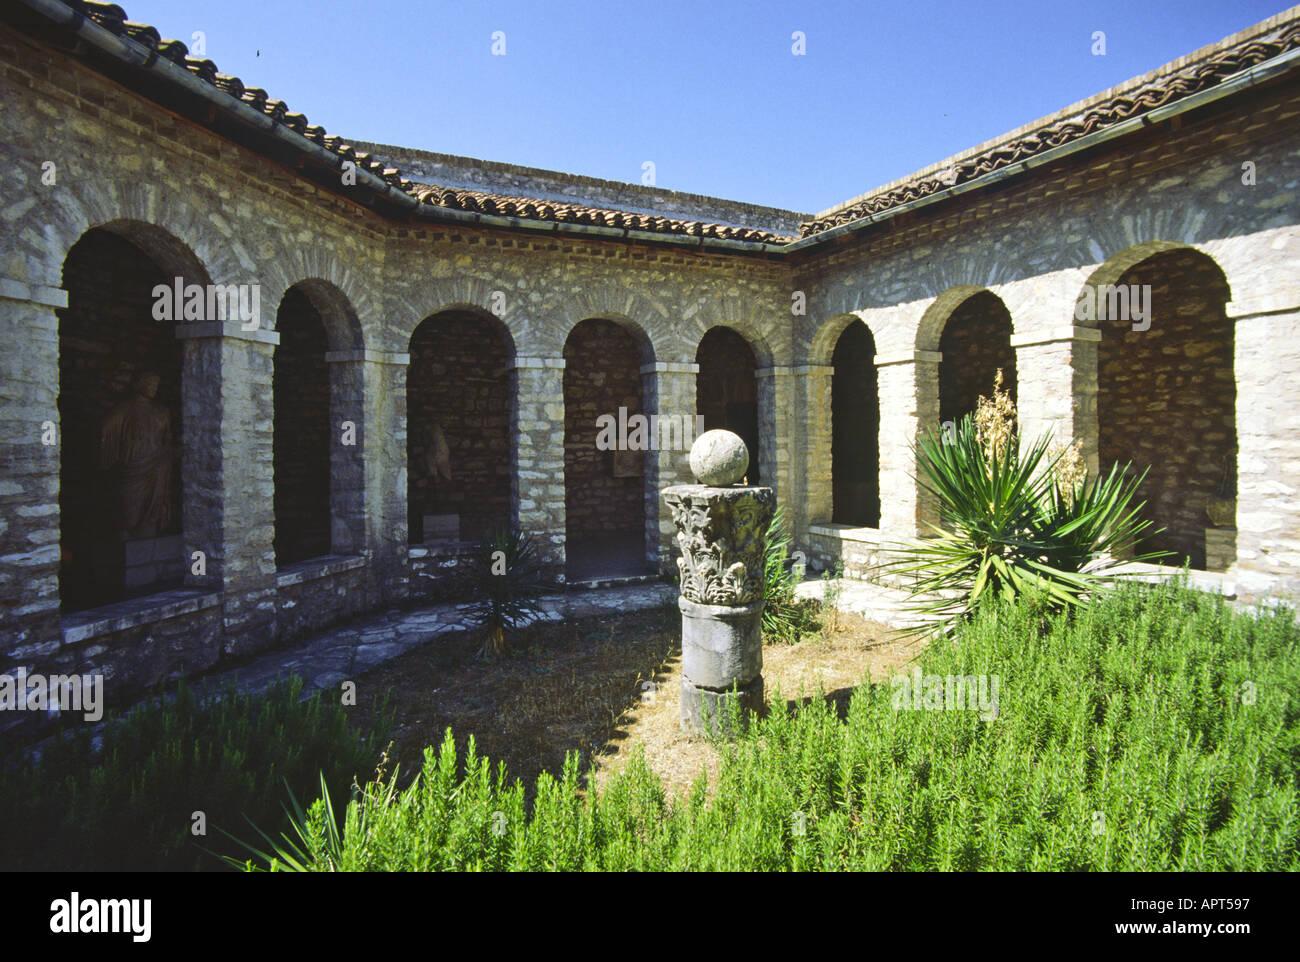 Butrint griechisch Buthroton italienisch Butrinto albanisch auch Butrinti ist eine Ruinenstätte im Süden Albaniens in der Nä - Stock Image